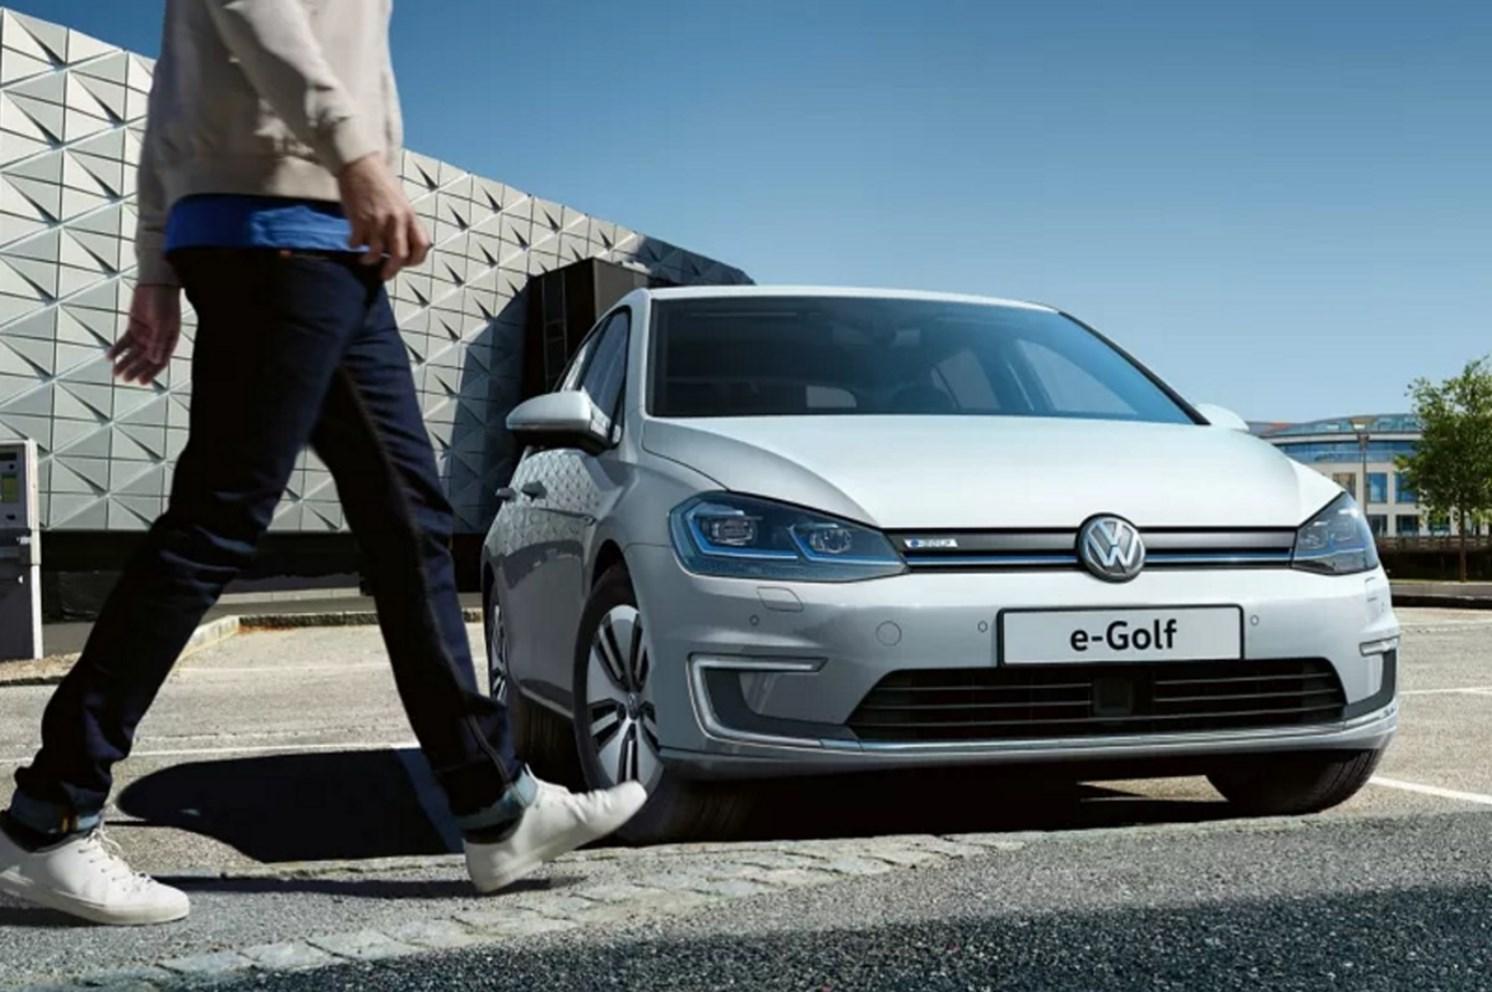 e-Golf